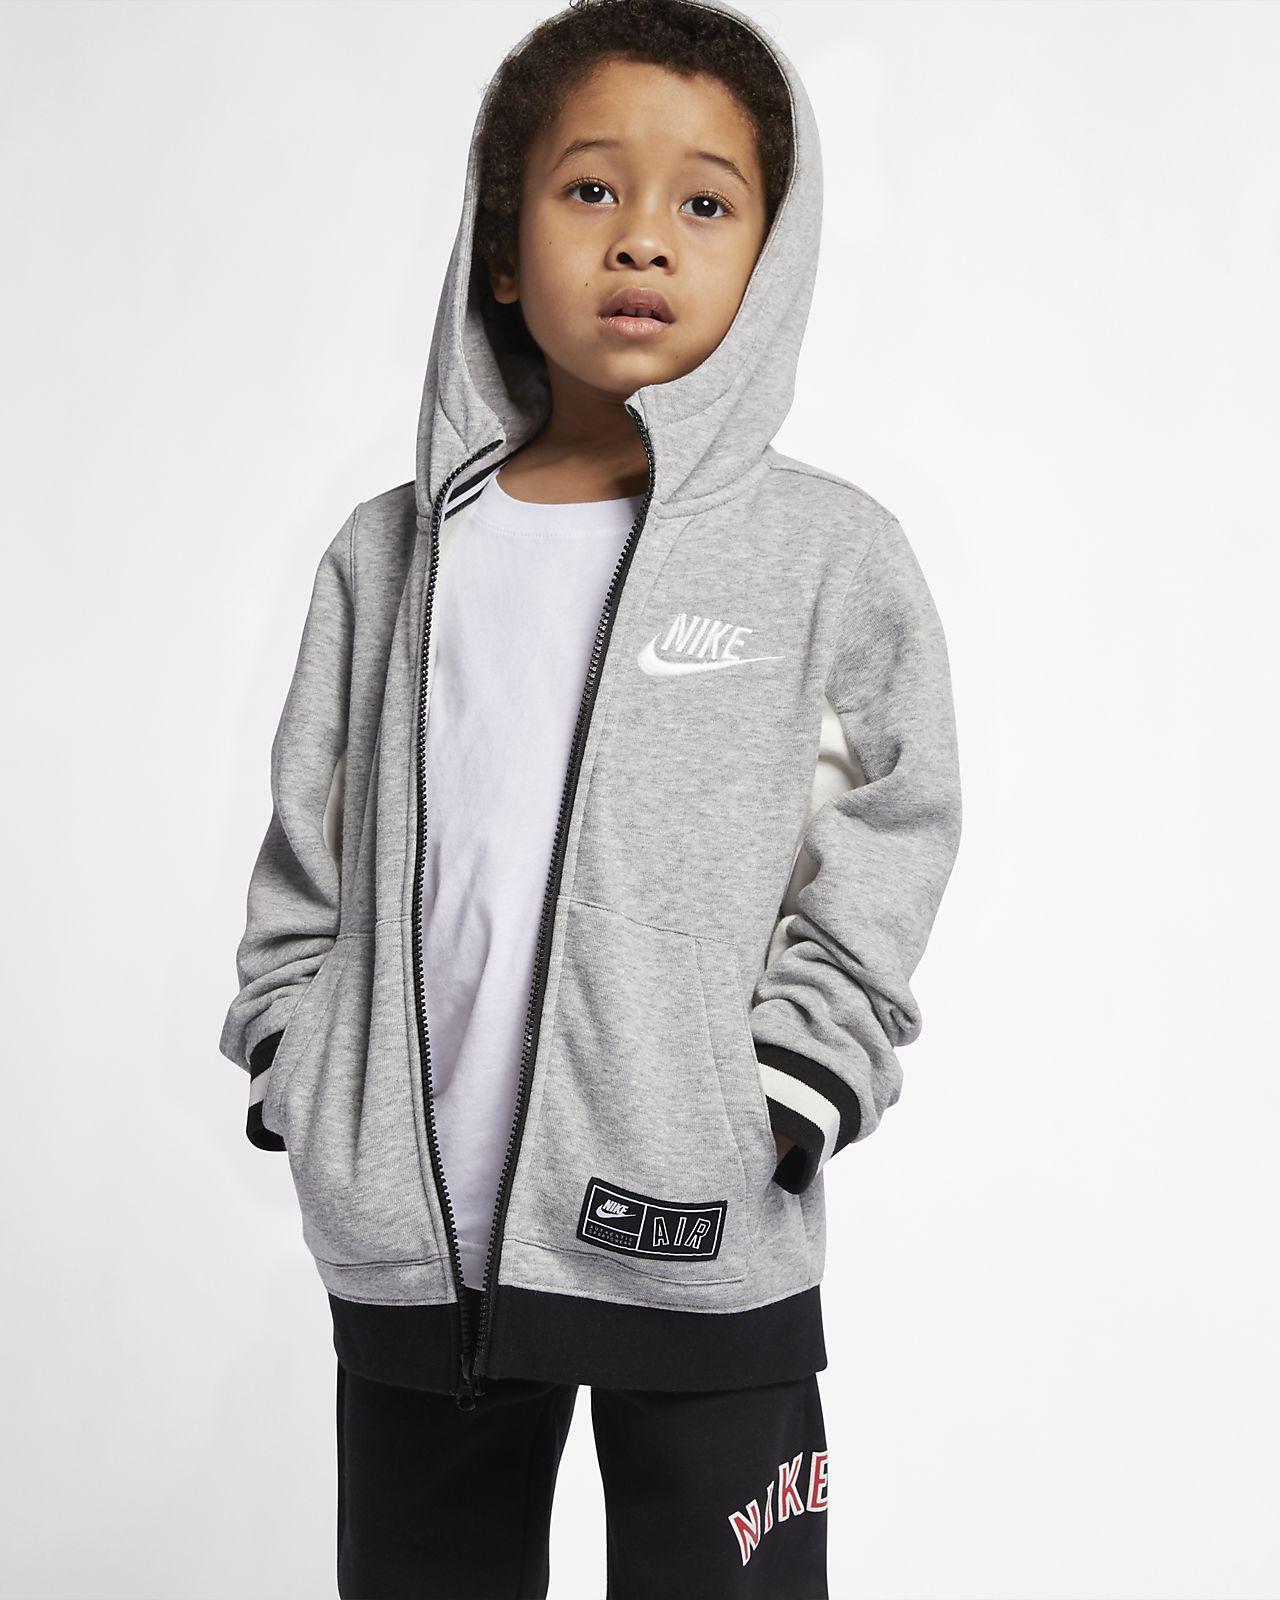 Nike Air-fleecehættetrøje med lynlås i fuld længde til små børn